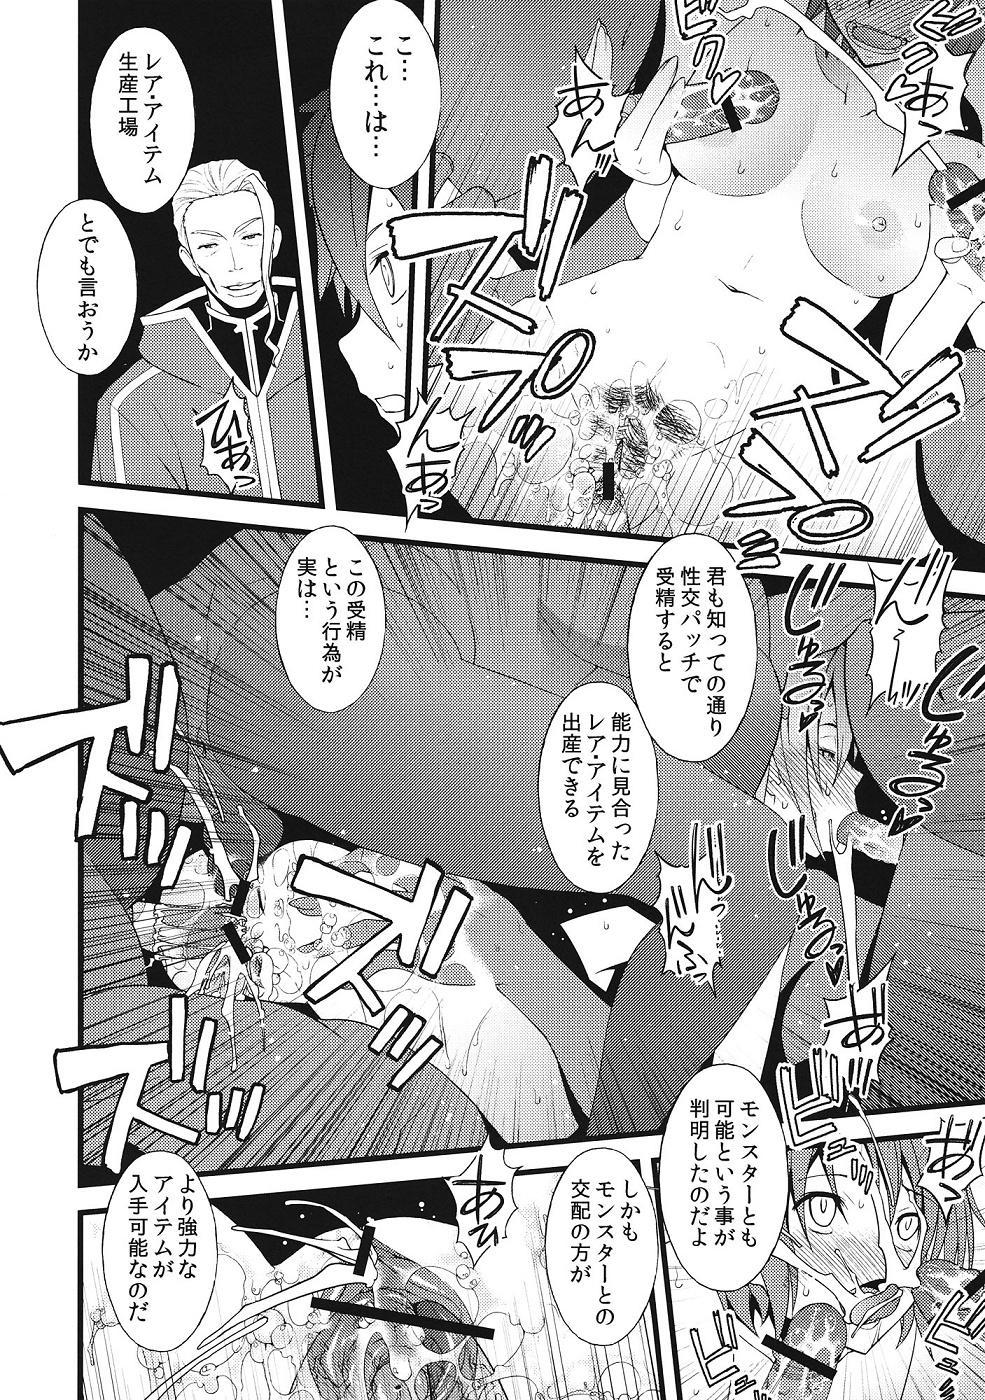 S.A.O no Shin Patch de Seikou Ninshin Shussan ga Kanou ni Natte Yabai...! Asuna NTR hen 16